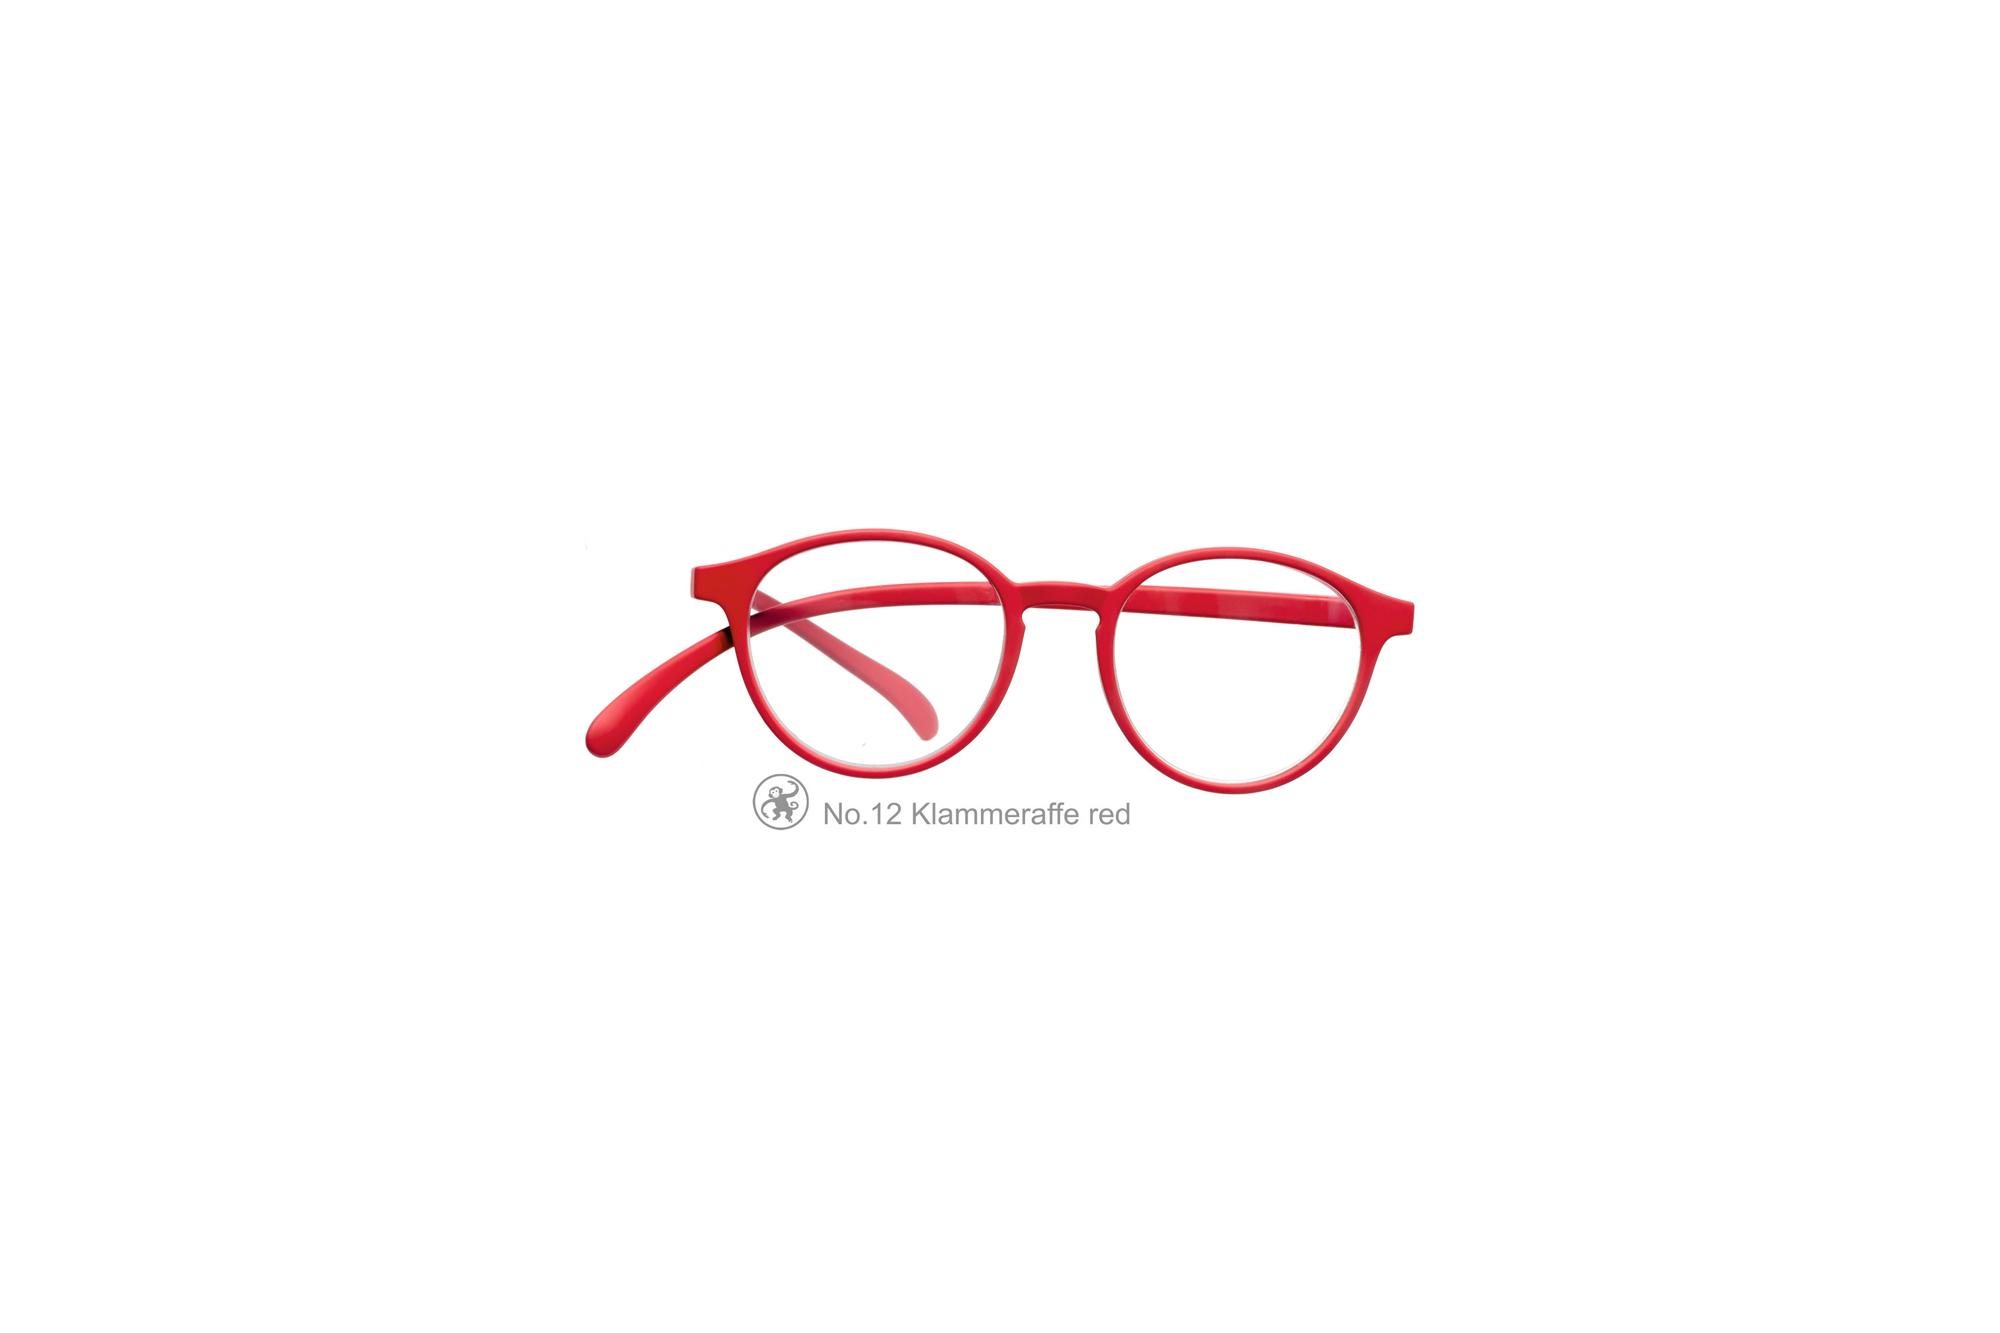 Klammeraffe Modell 12, red